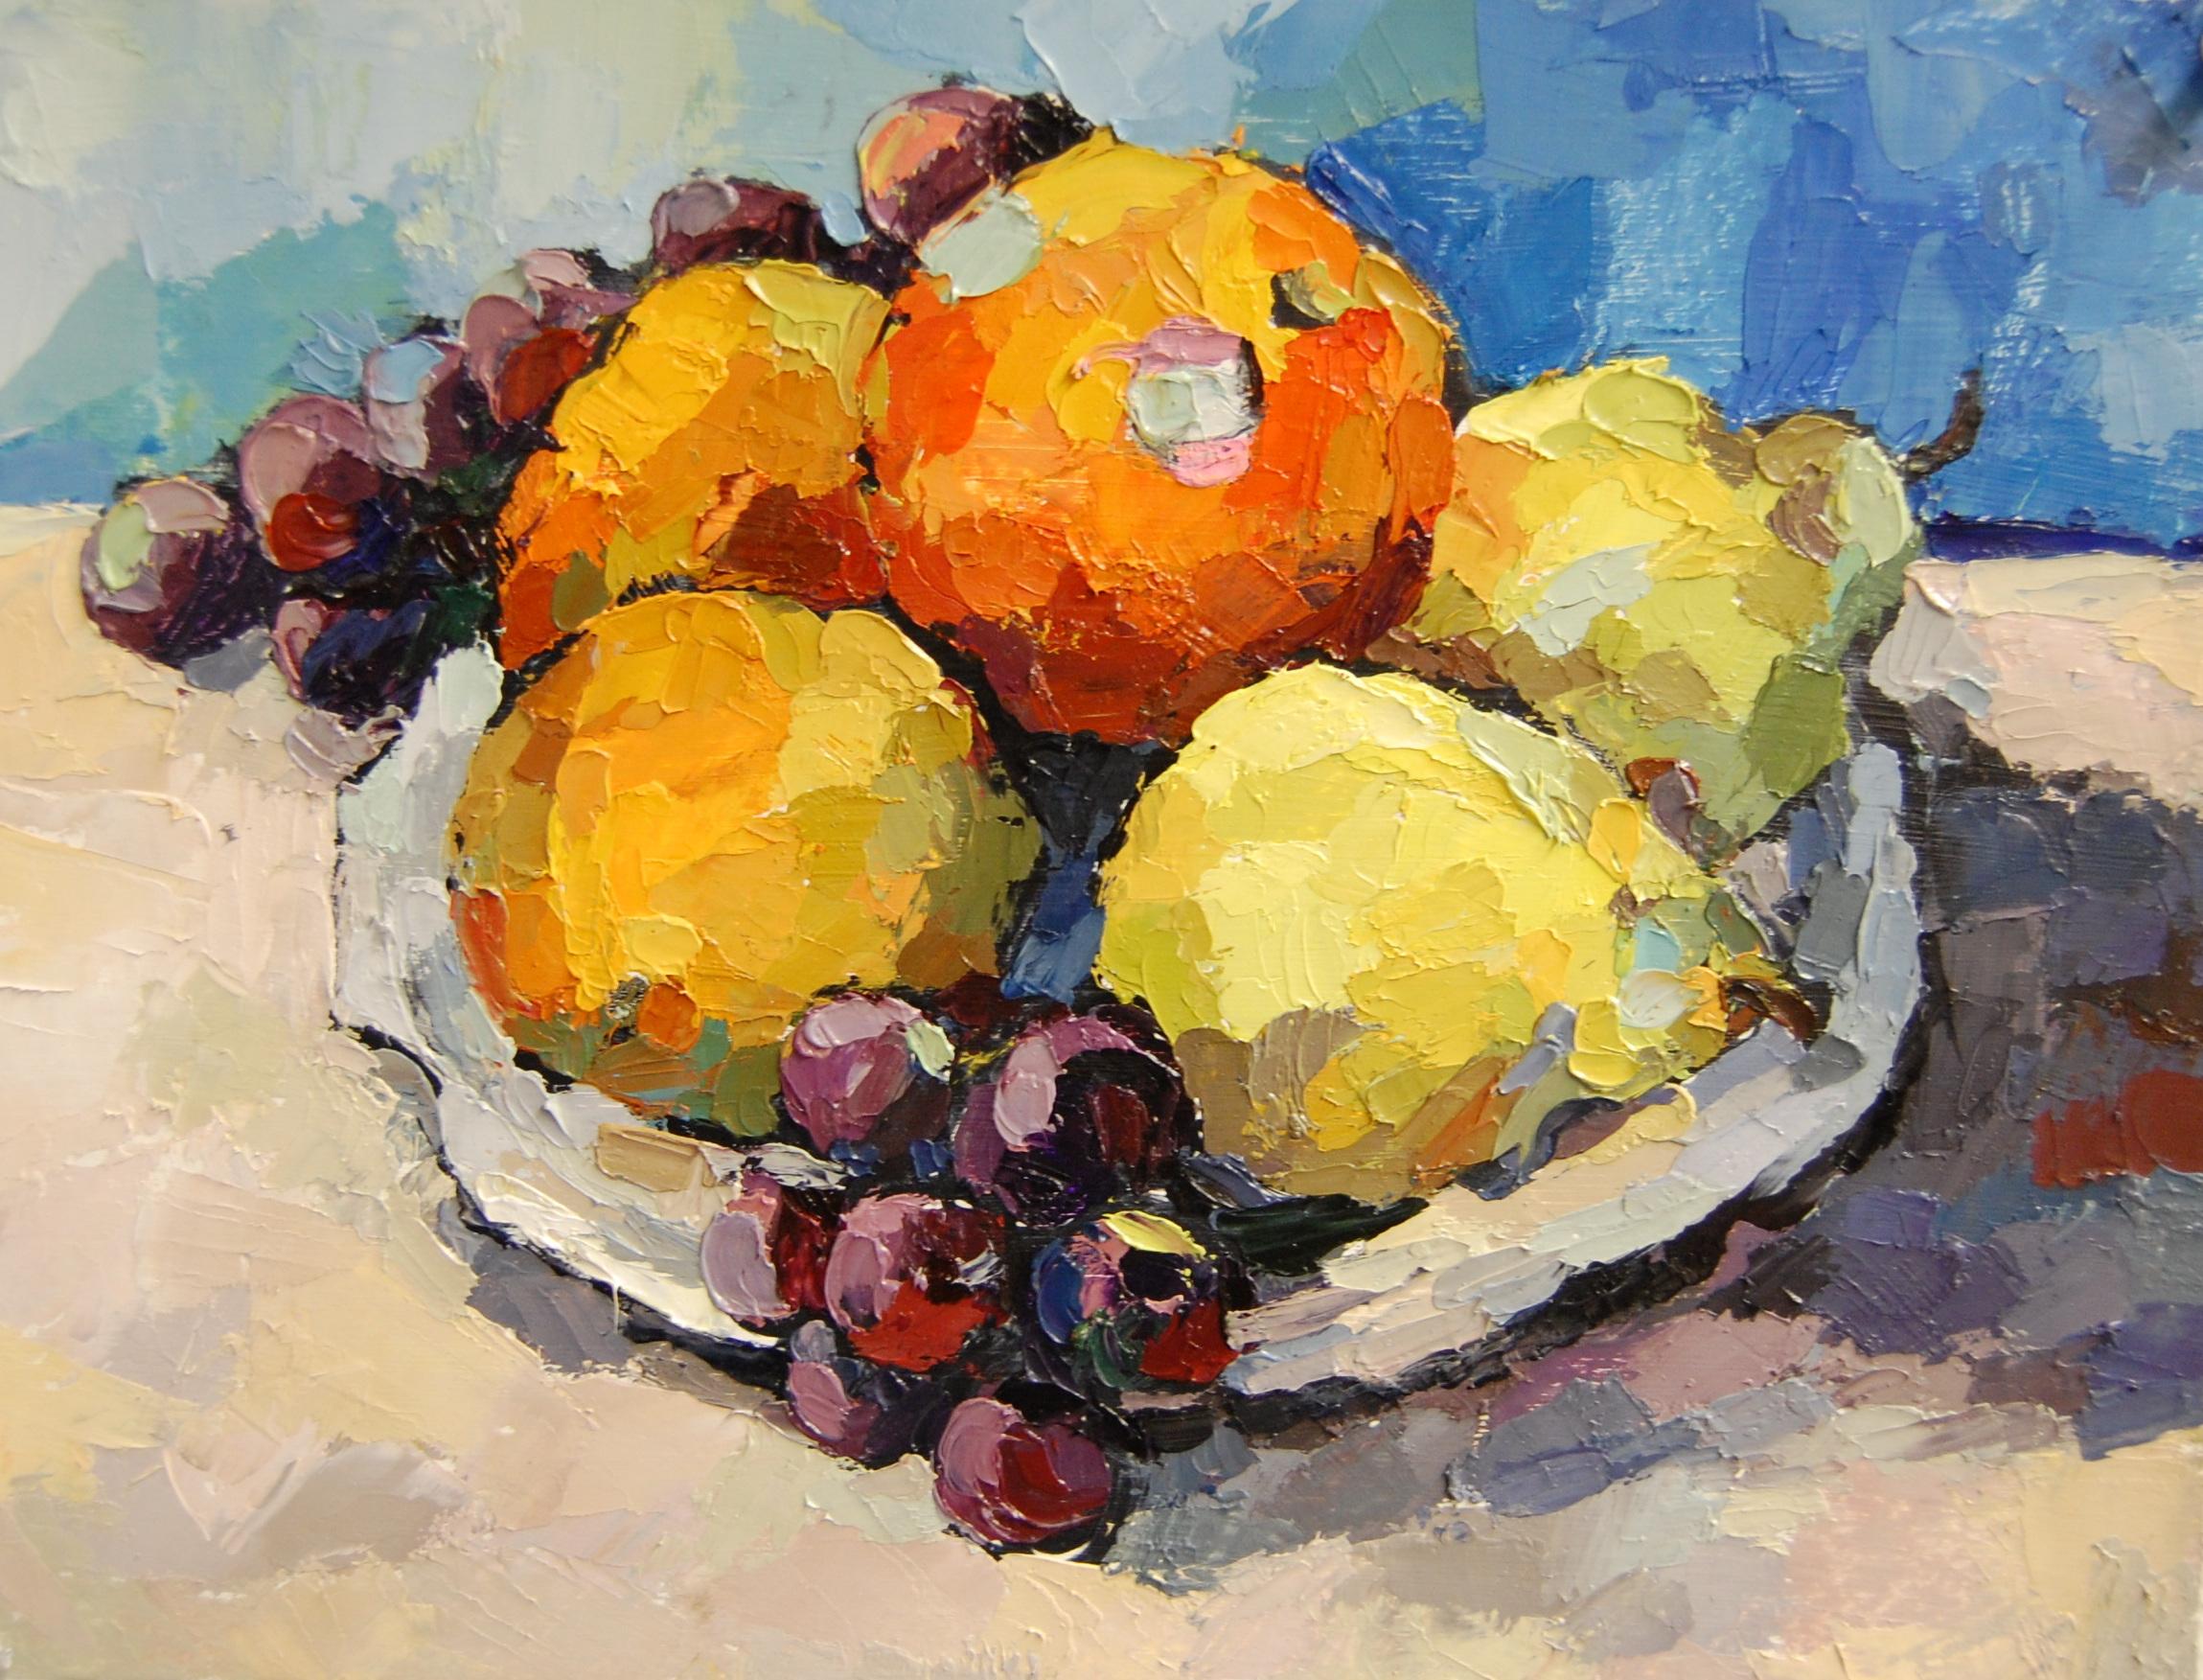 Fruit Still-Life, Oil on paper, 2011